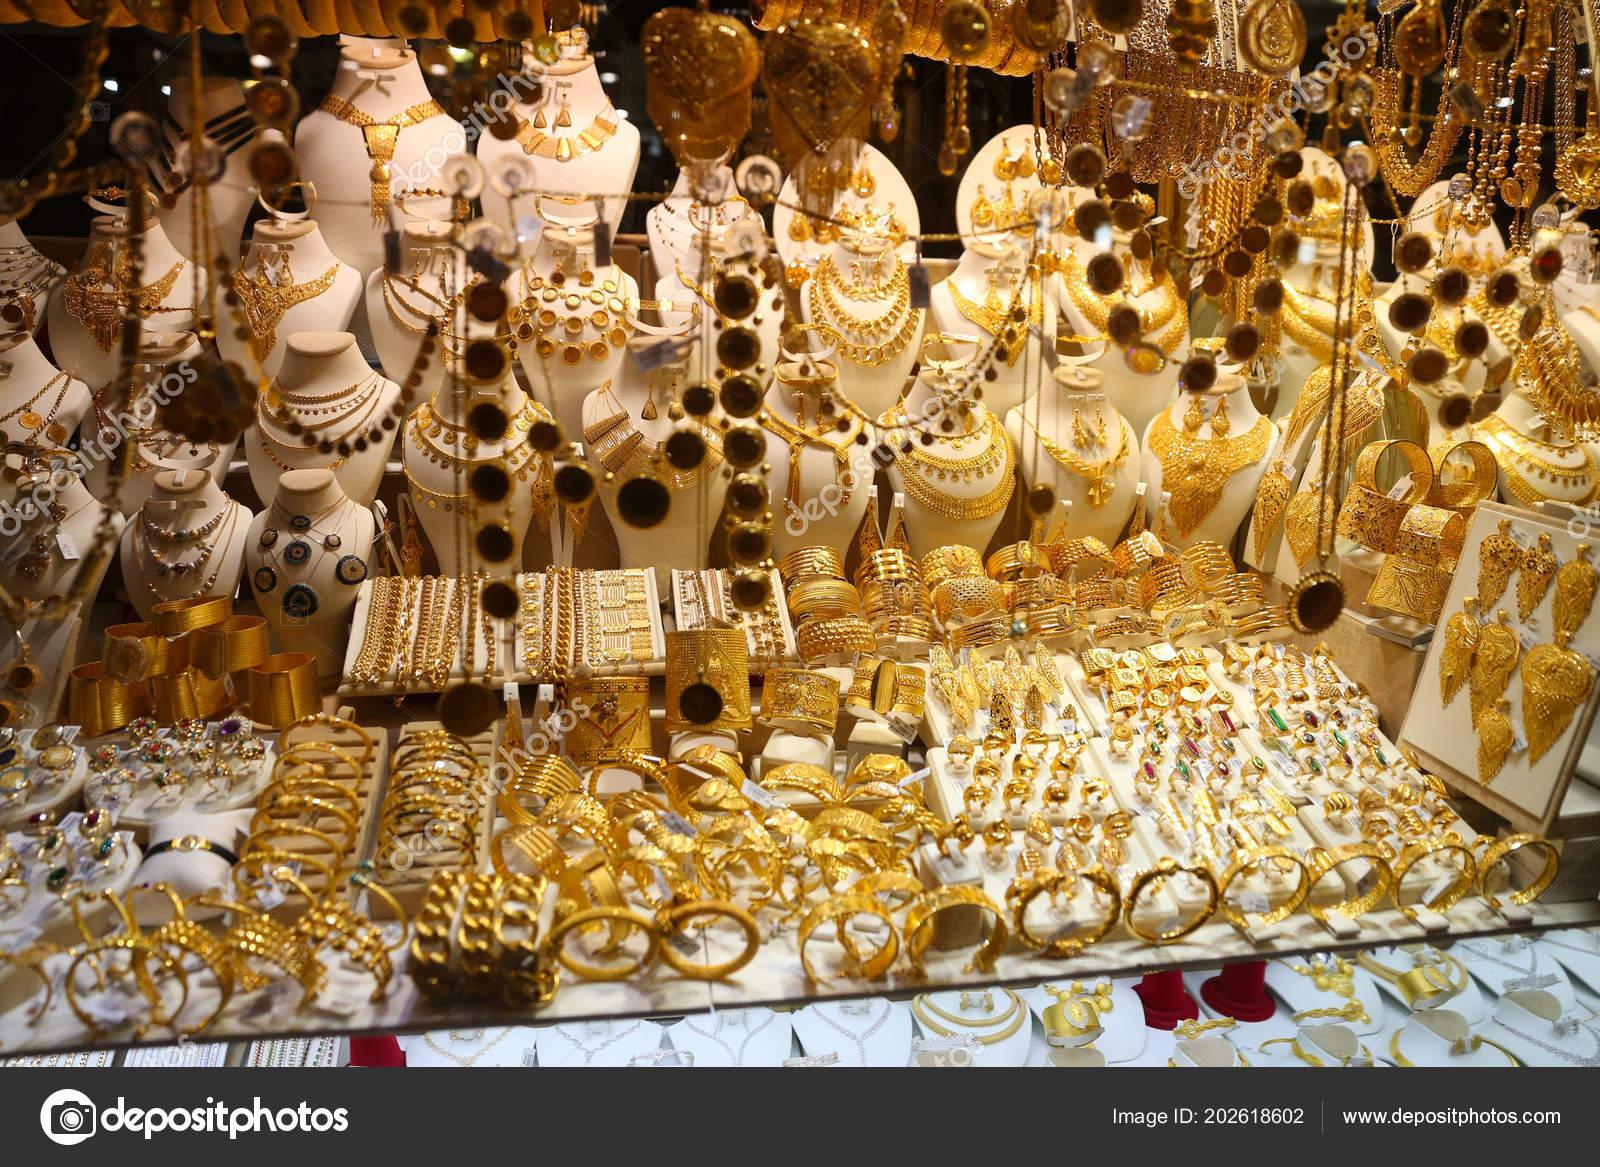 Istanbul Turkey May 2018 Gold Jewelry Window Jewelry Store Spice